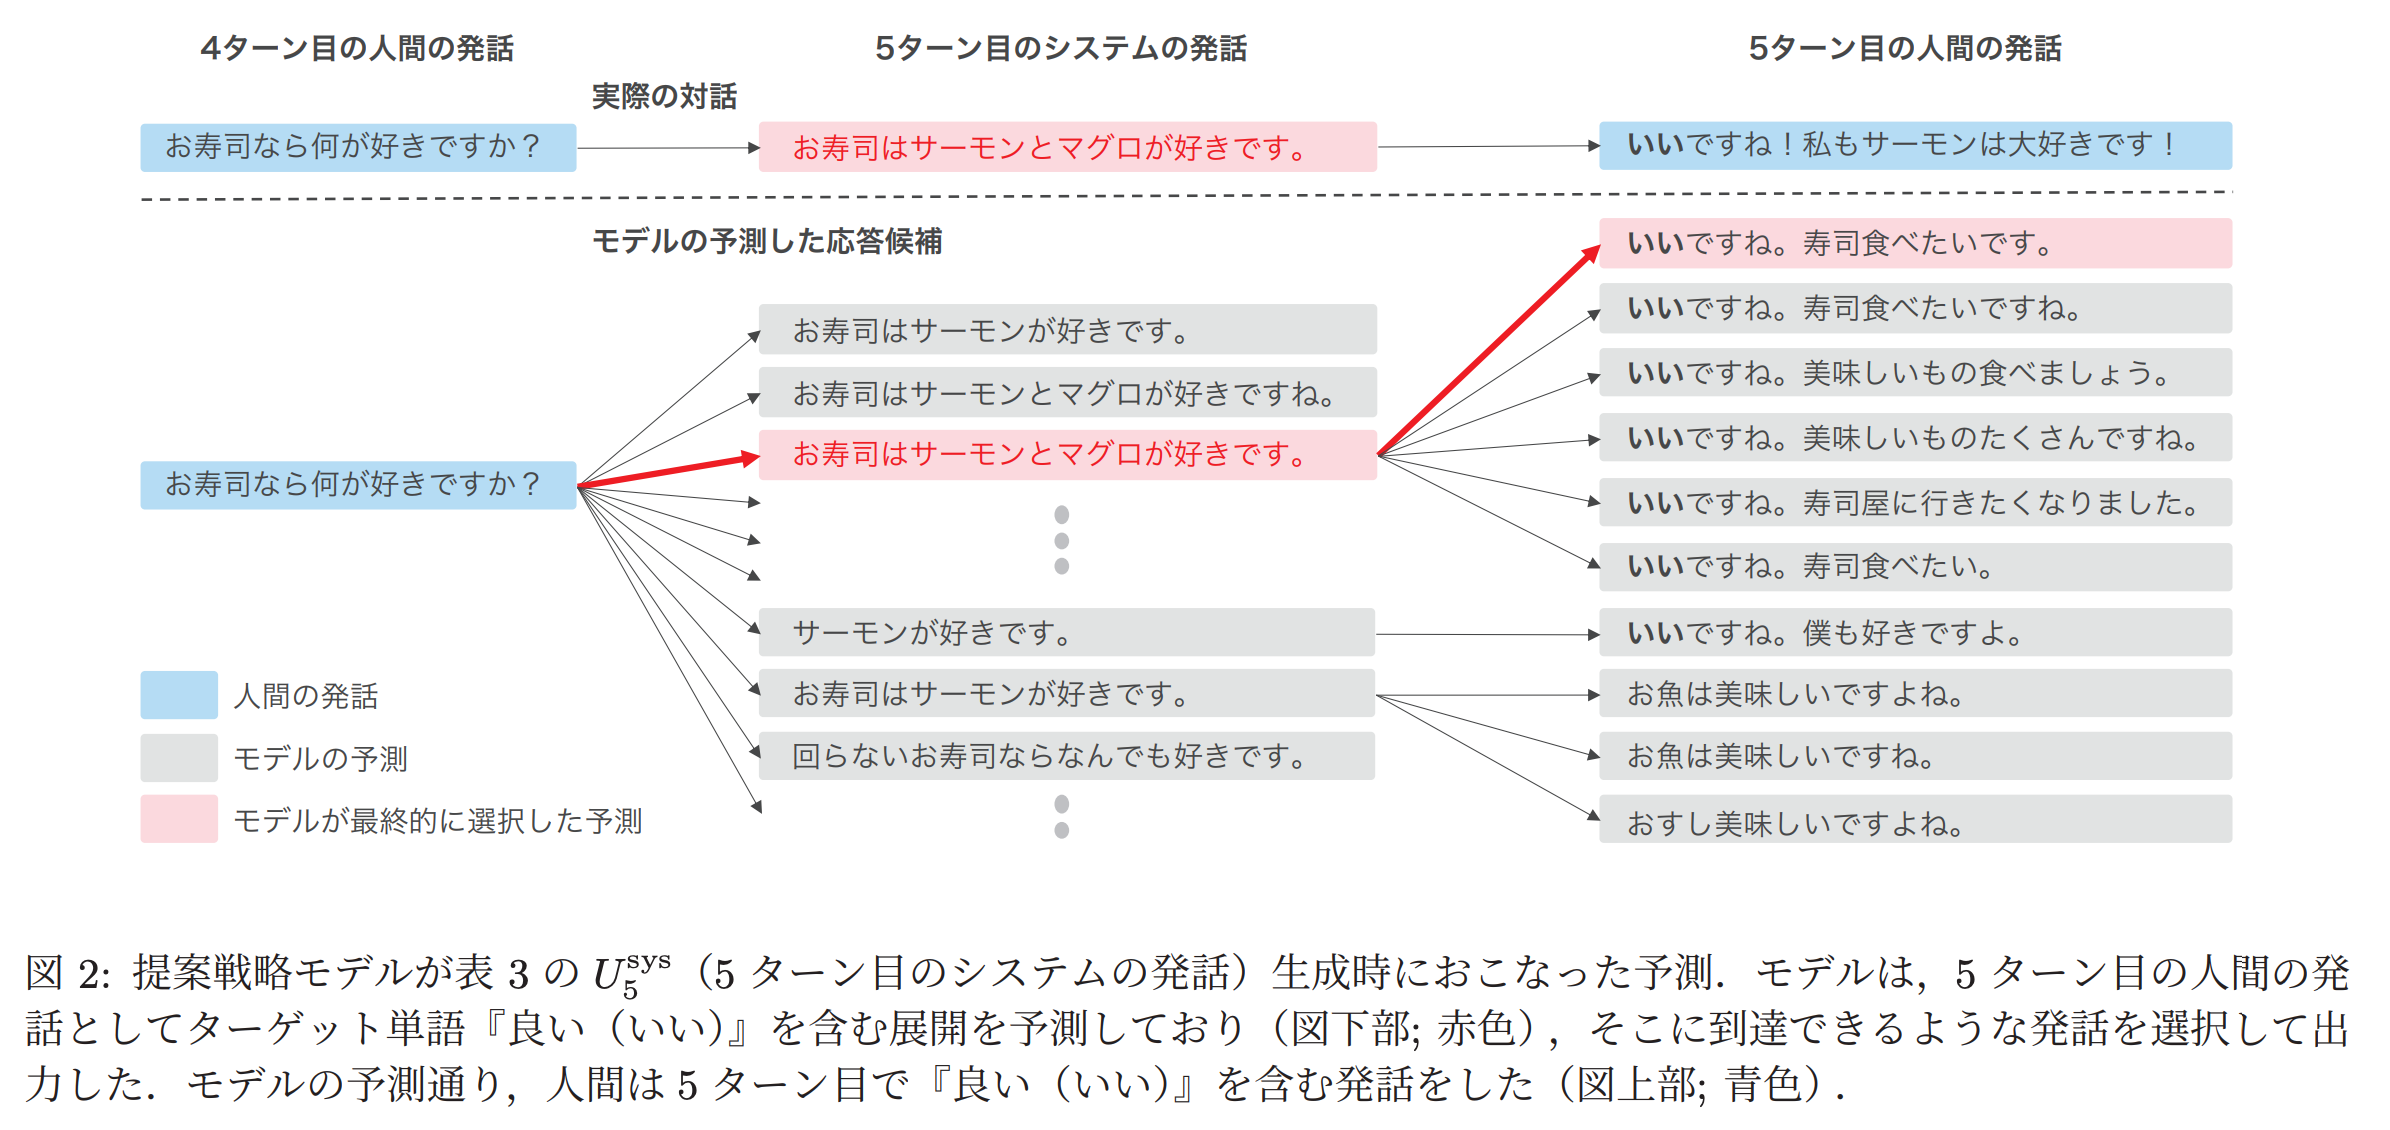 対話システム例